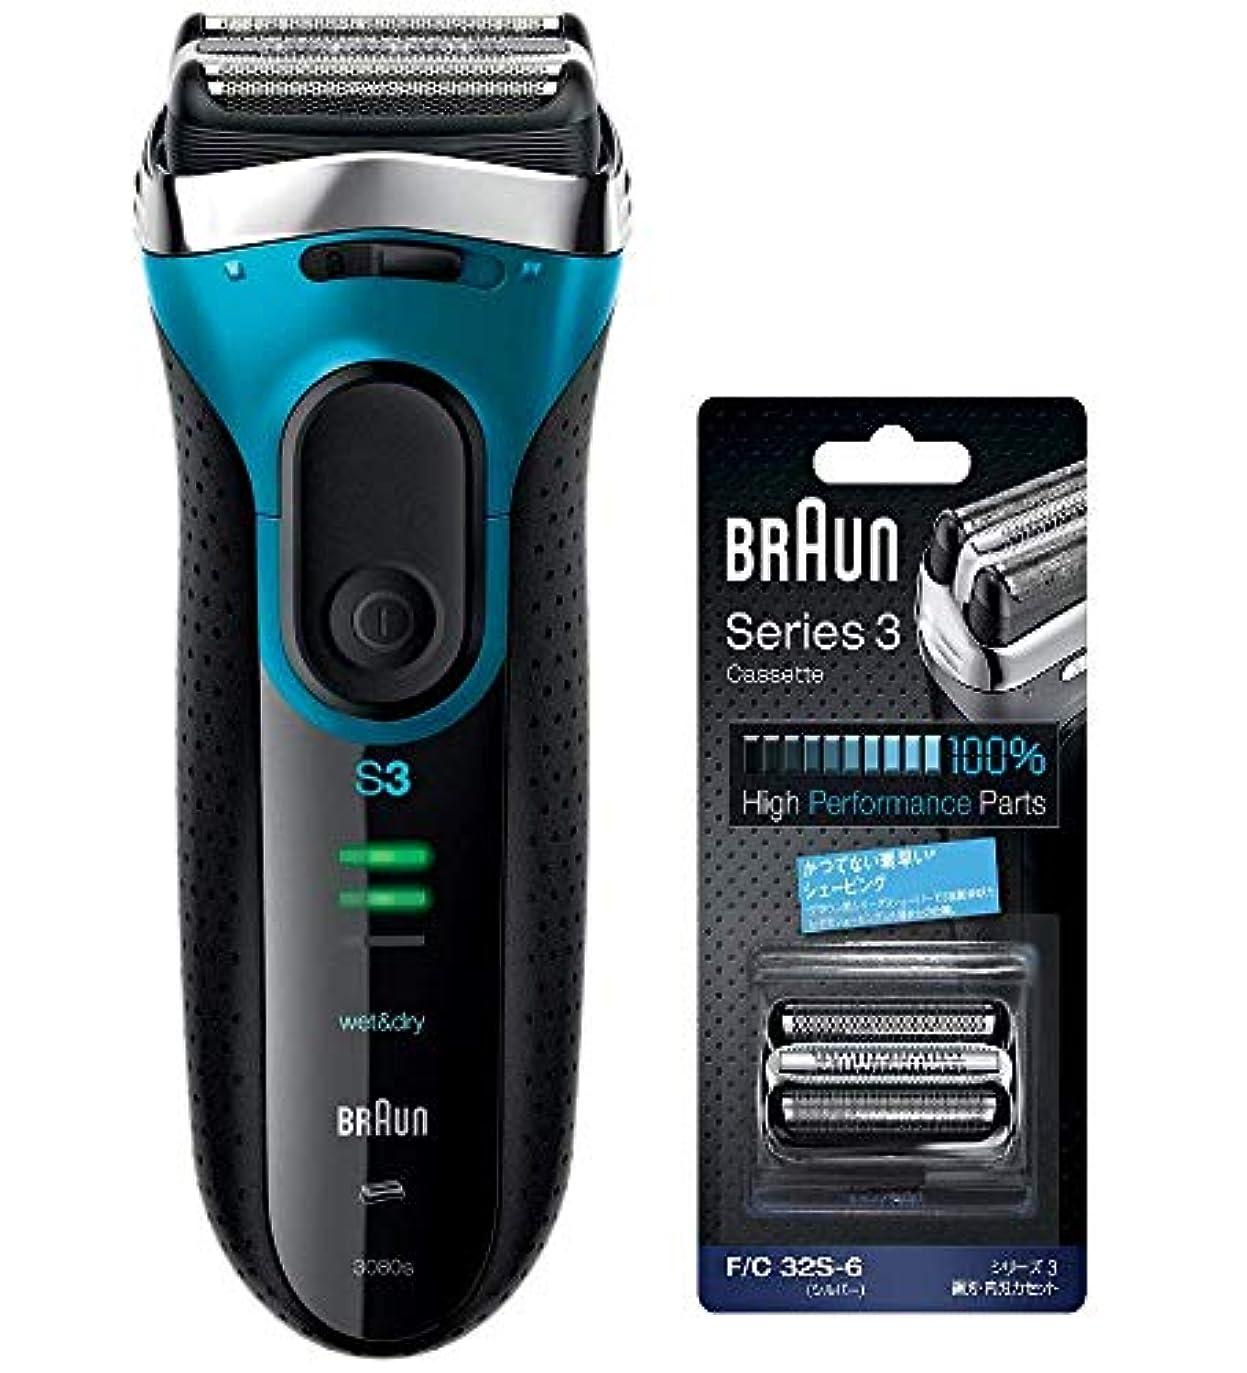 メナジェリーに頼るコンクリートブラウン メンズ電気シェーバー シリーズ3 交換用替刃付 3080S-B-SET 3枚刃 水洗い/お風呂剃り可 ブルー